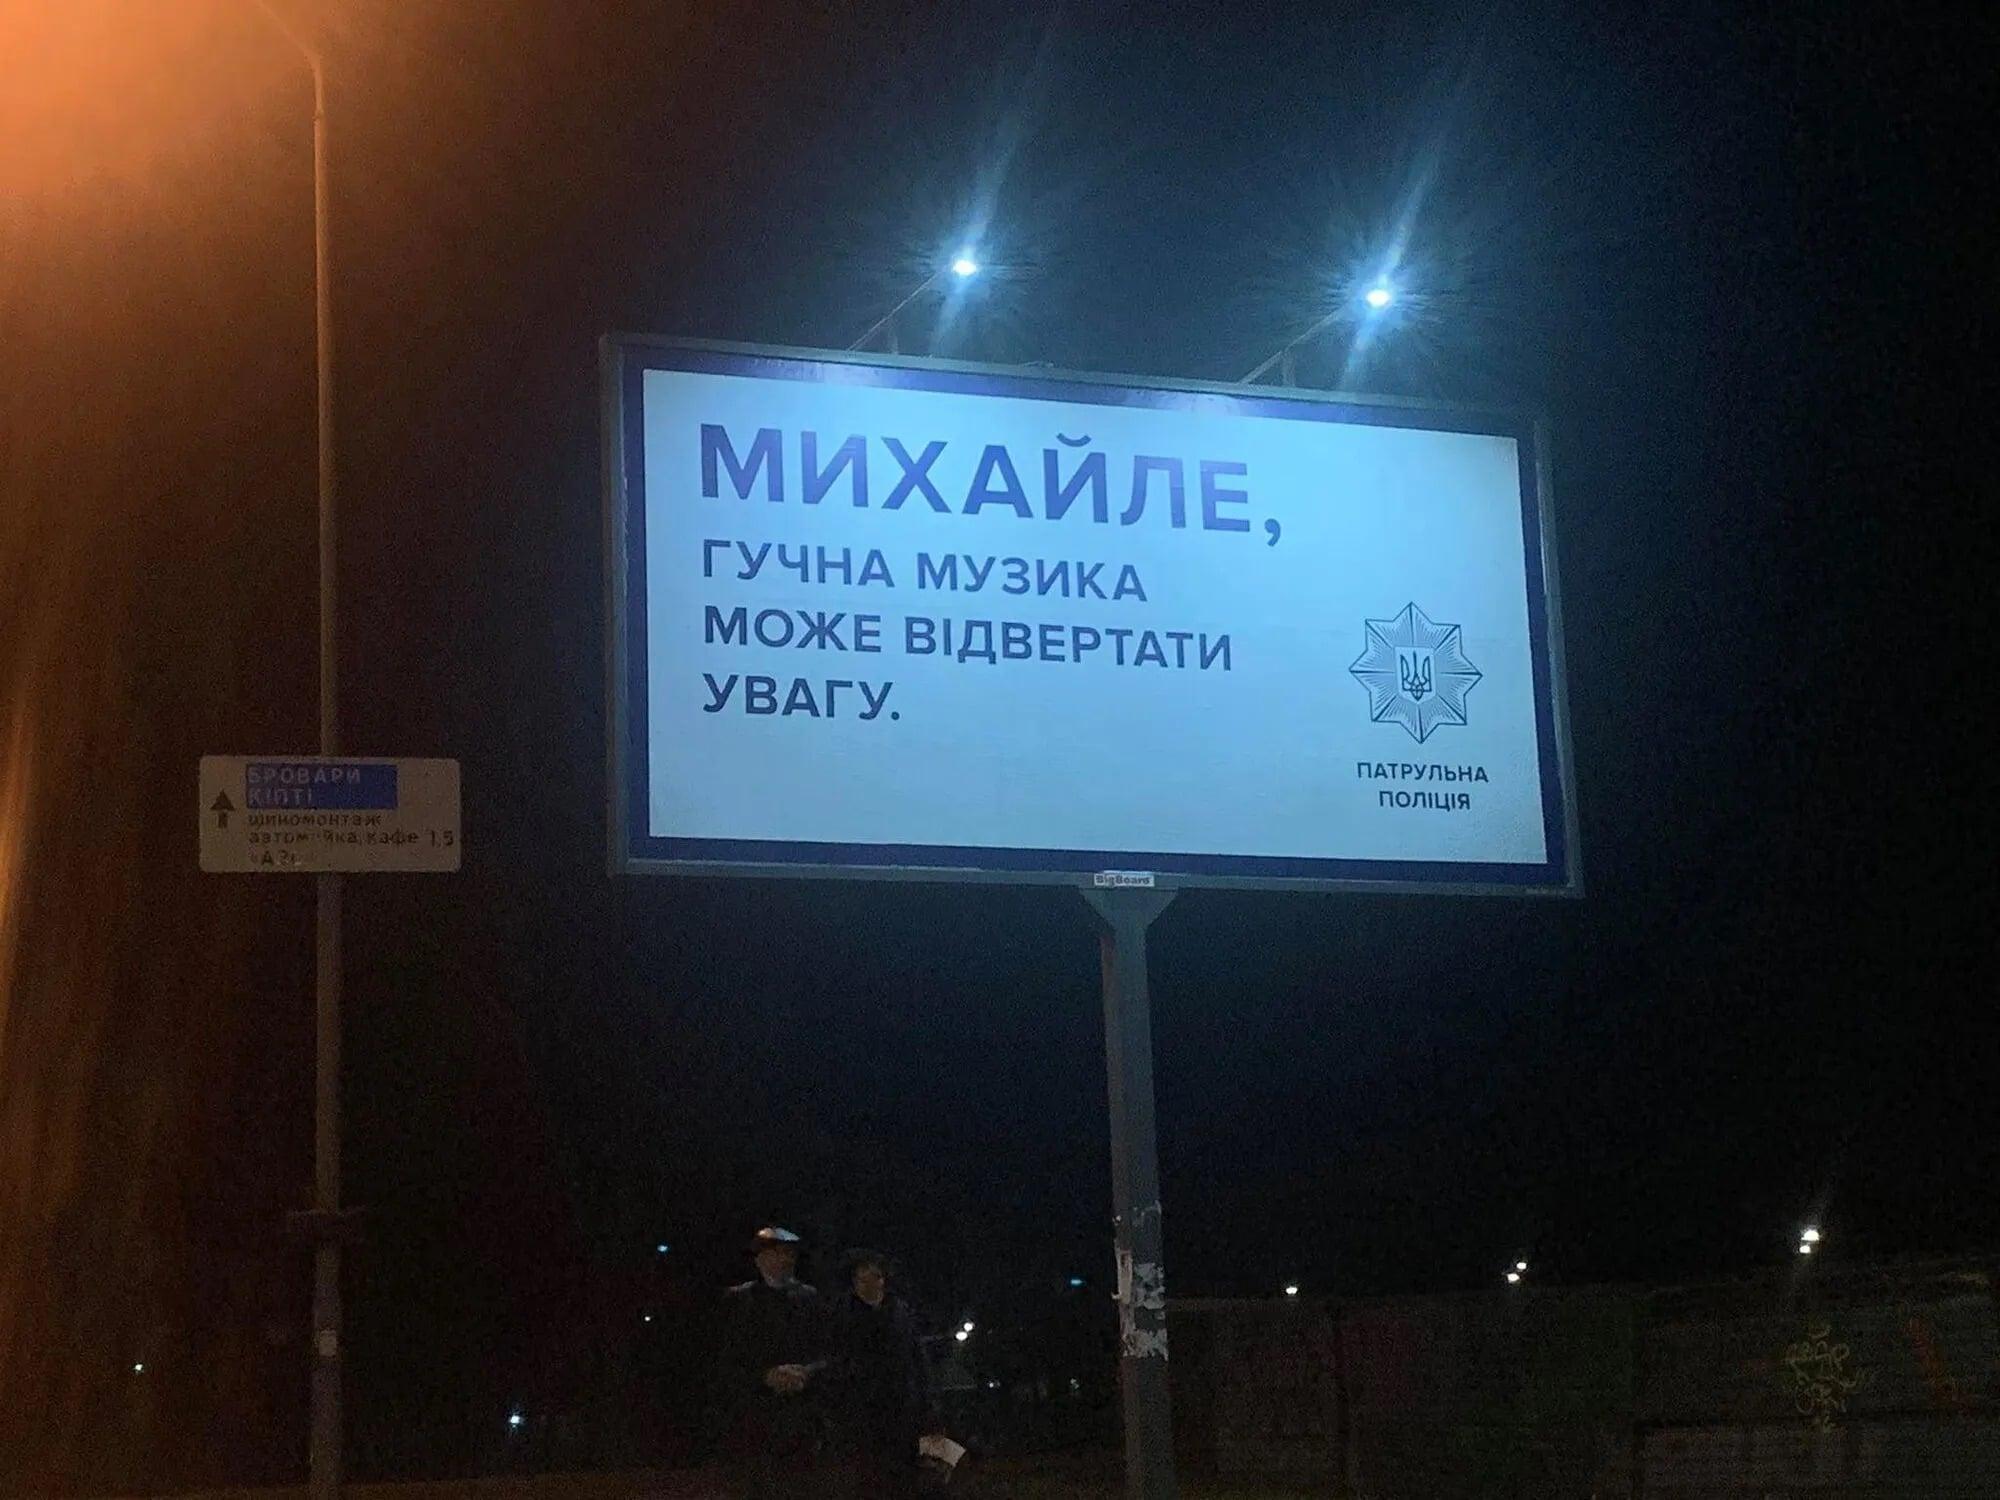 Новые билборды Патрульной полиции: такой креатив по душе не всем 5